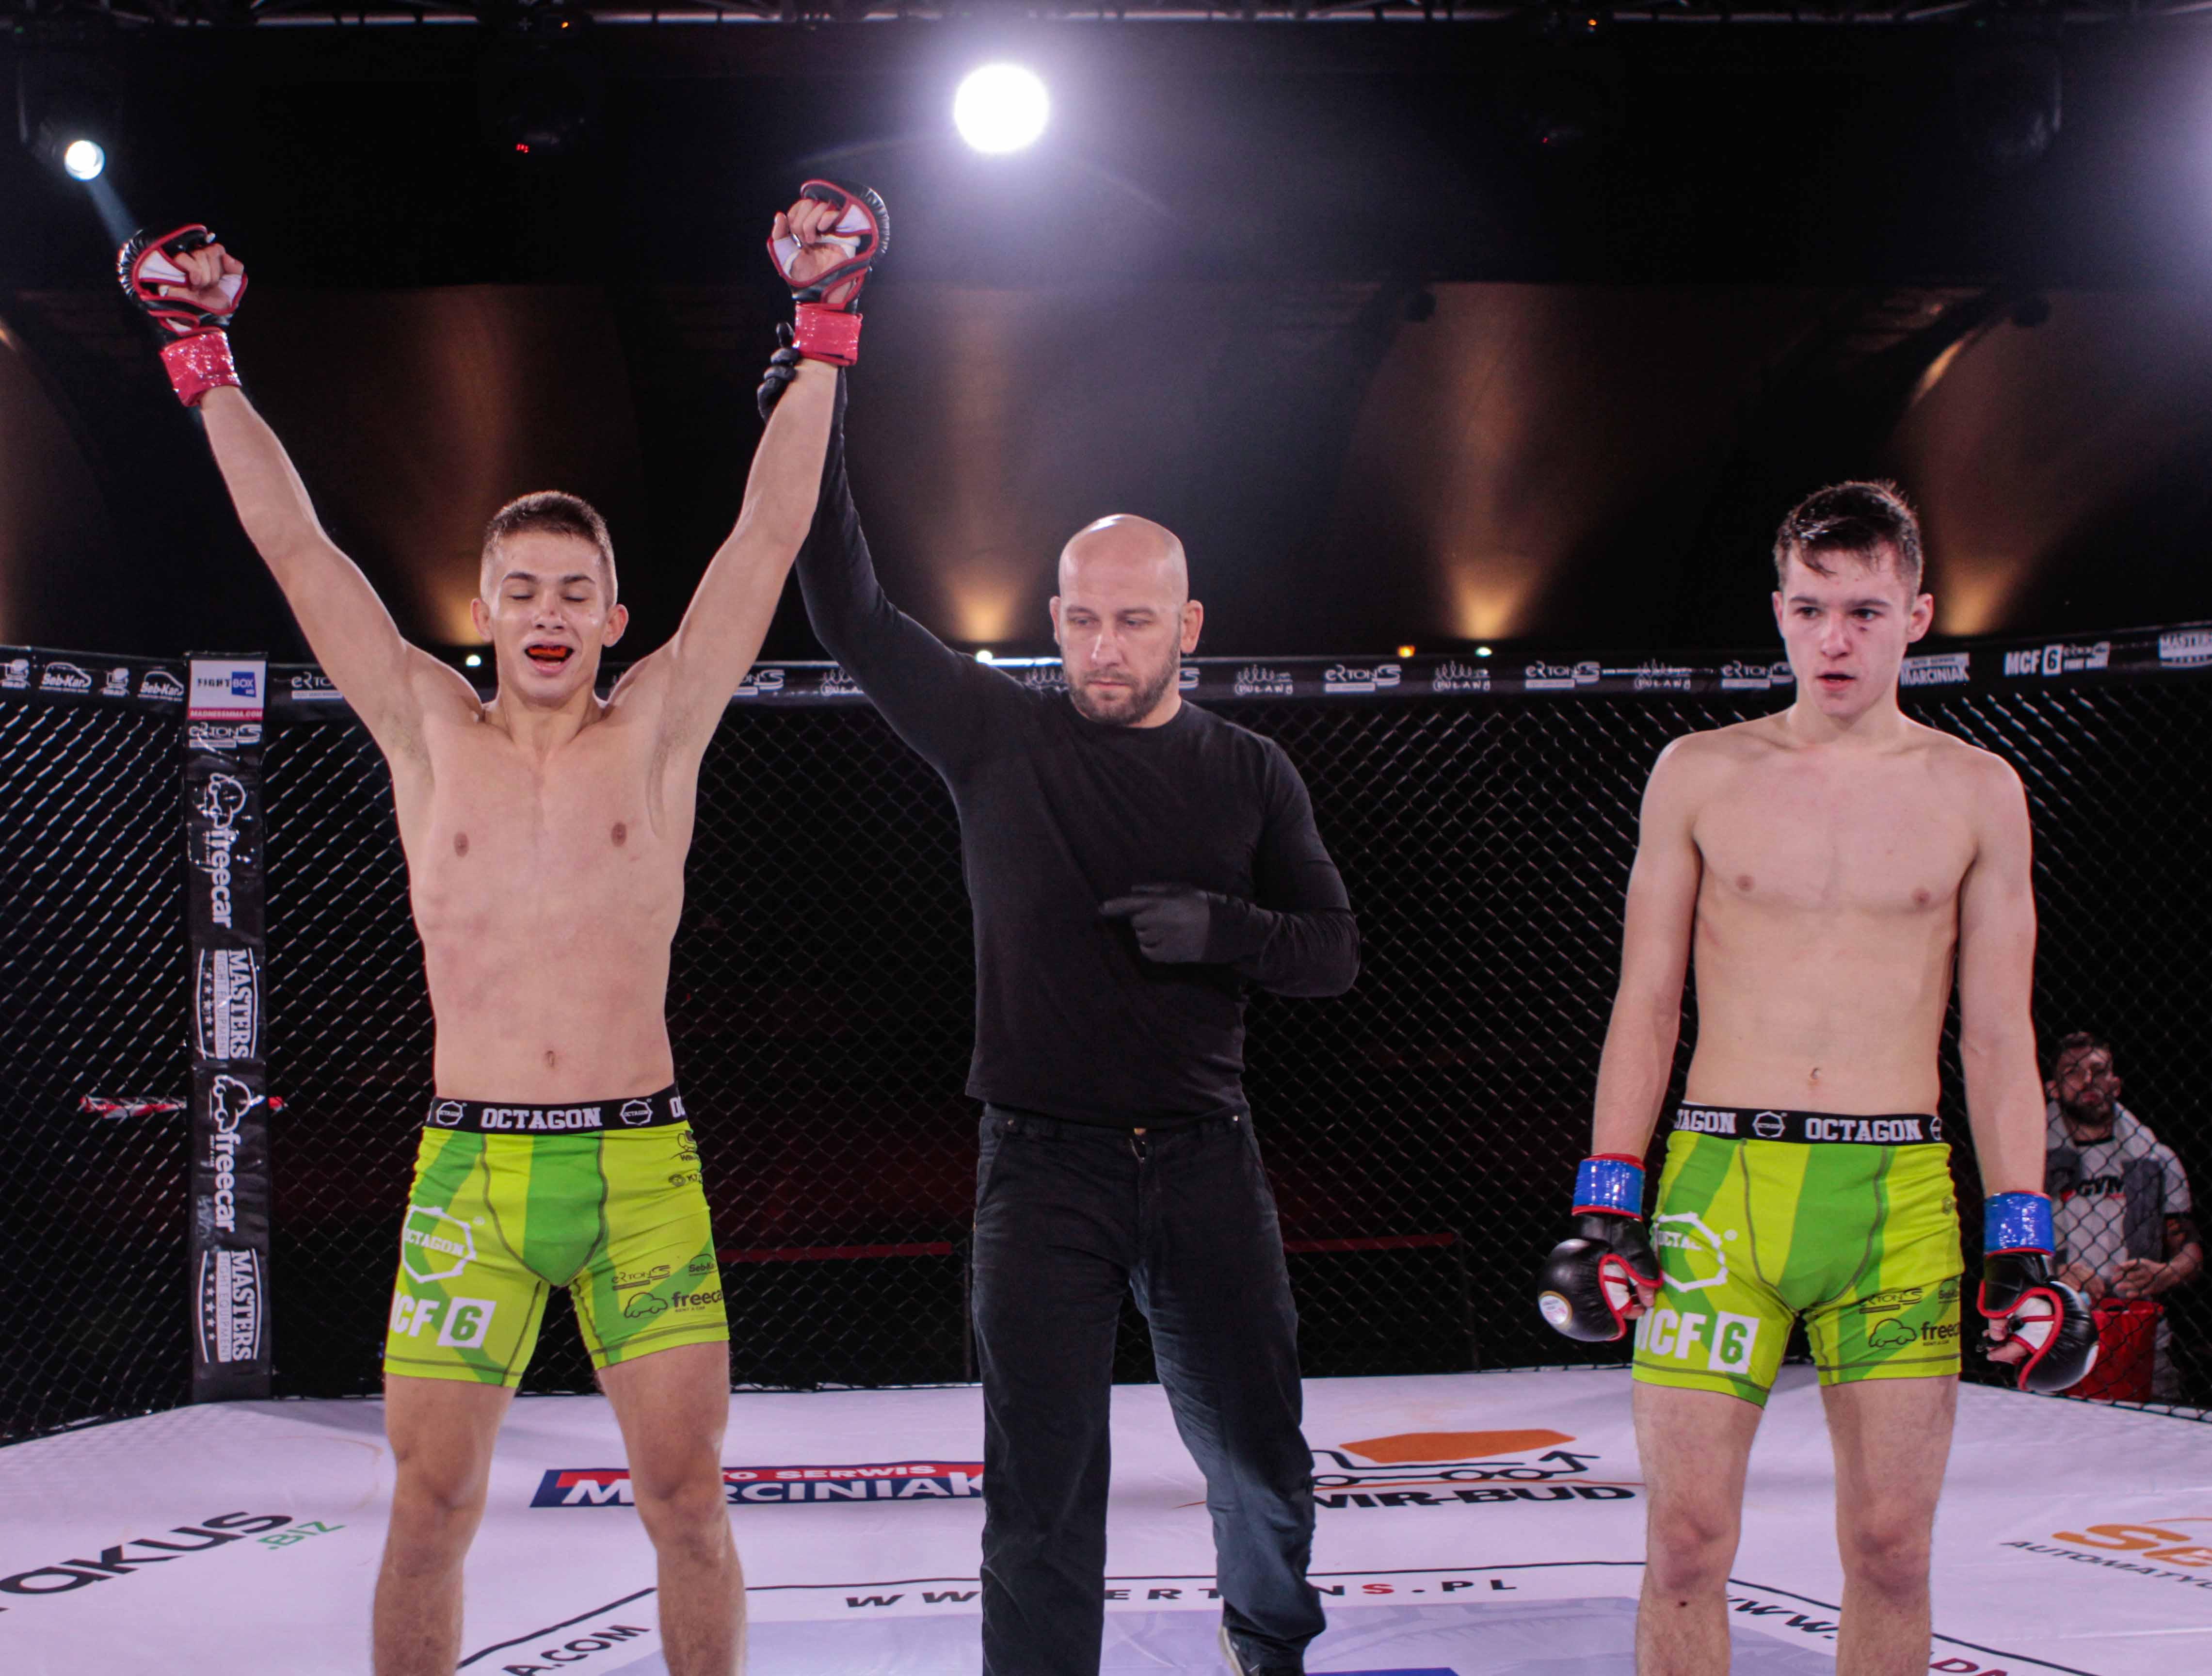 Błyskawiczne zwycięstwo Krystiana Olszty z MKS Lubartów - Zdjęcie główne